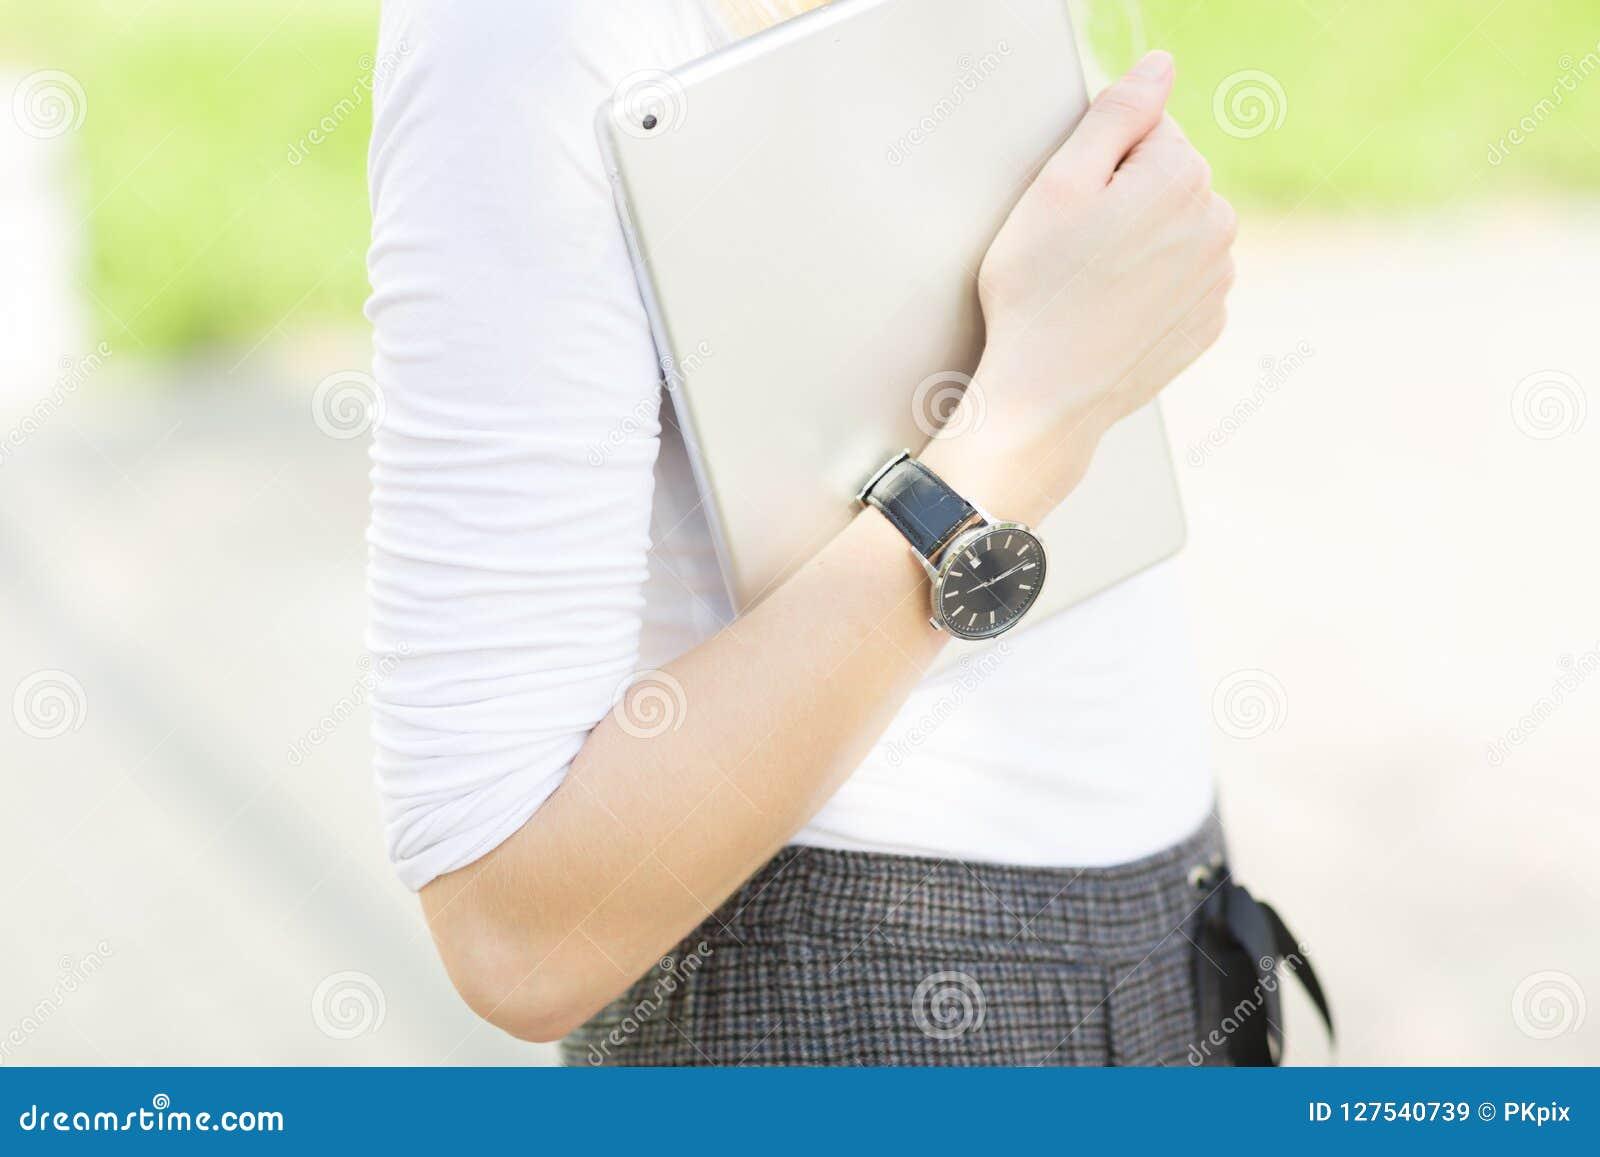 Nahaufnahme des weiblichen Armes eine Uhr tragend und eine digitale Tablette draußen tragend